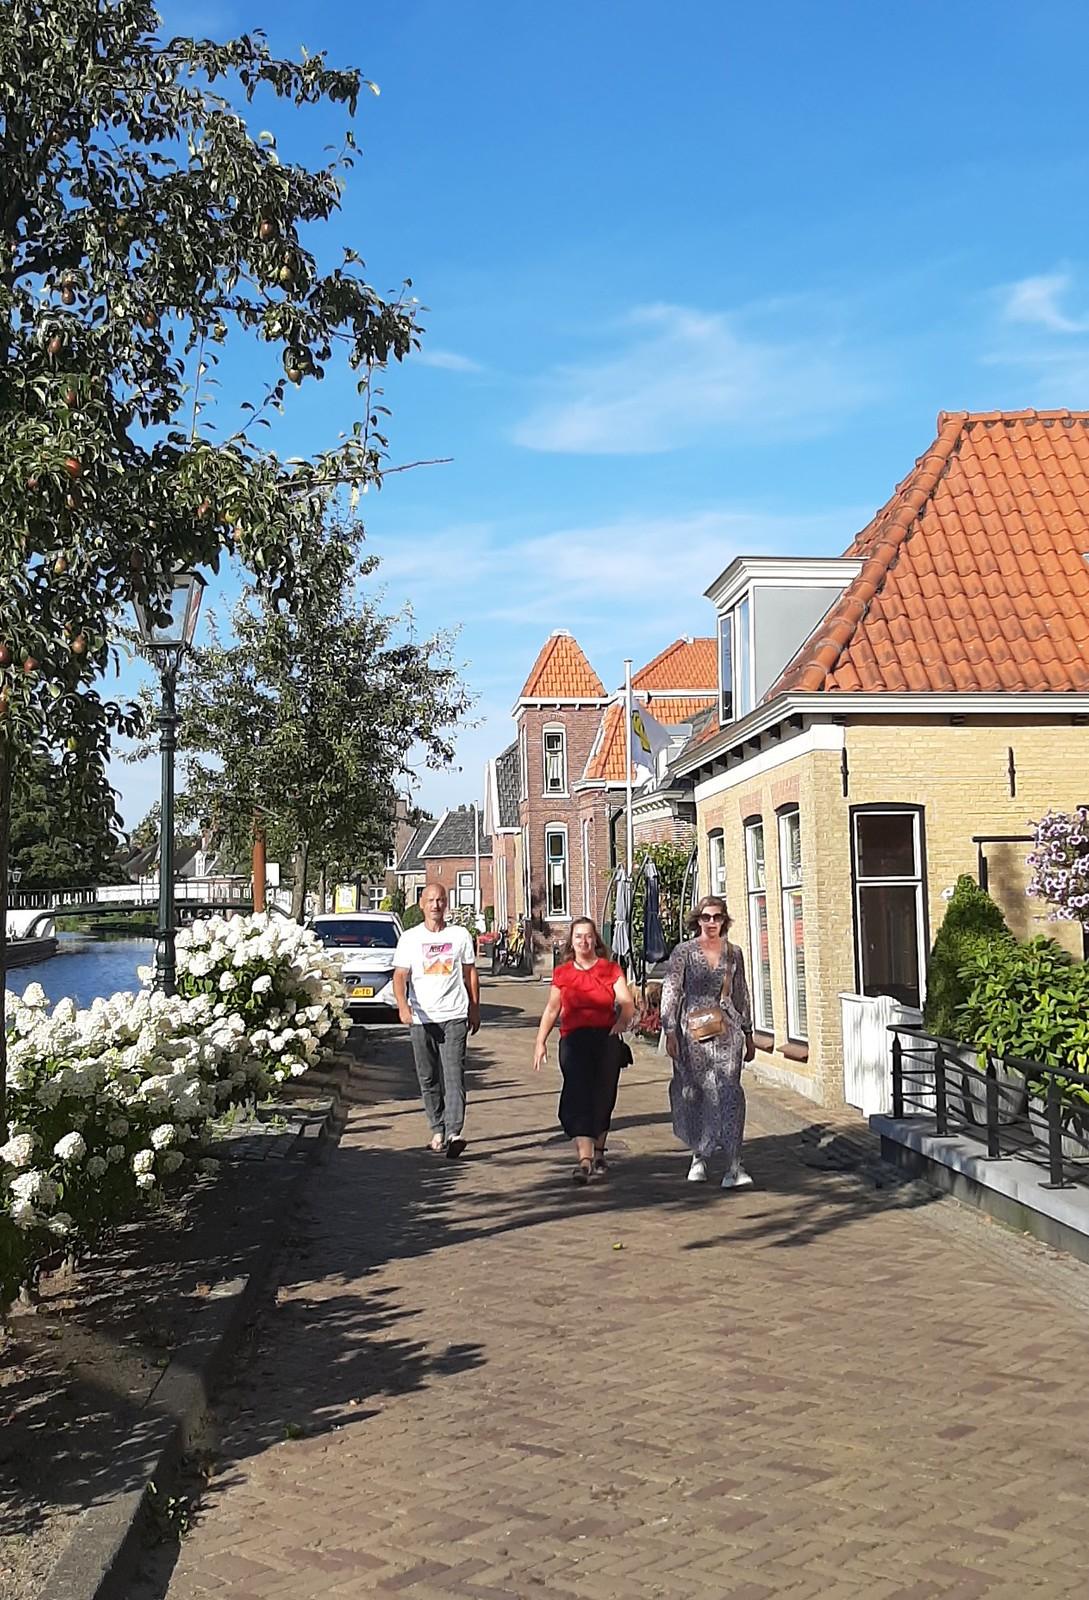 20210821_182125 - Ingrid van Velzen